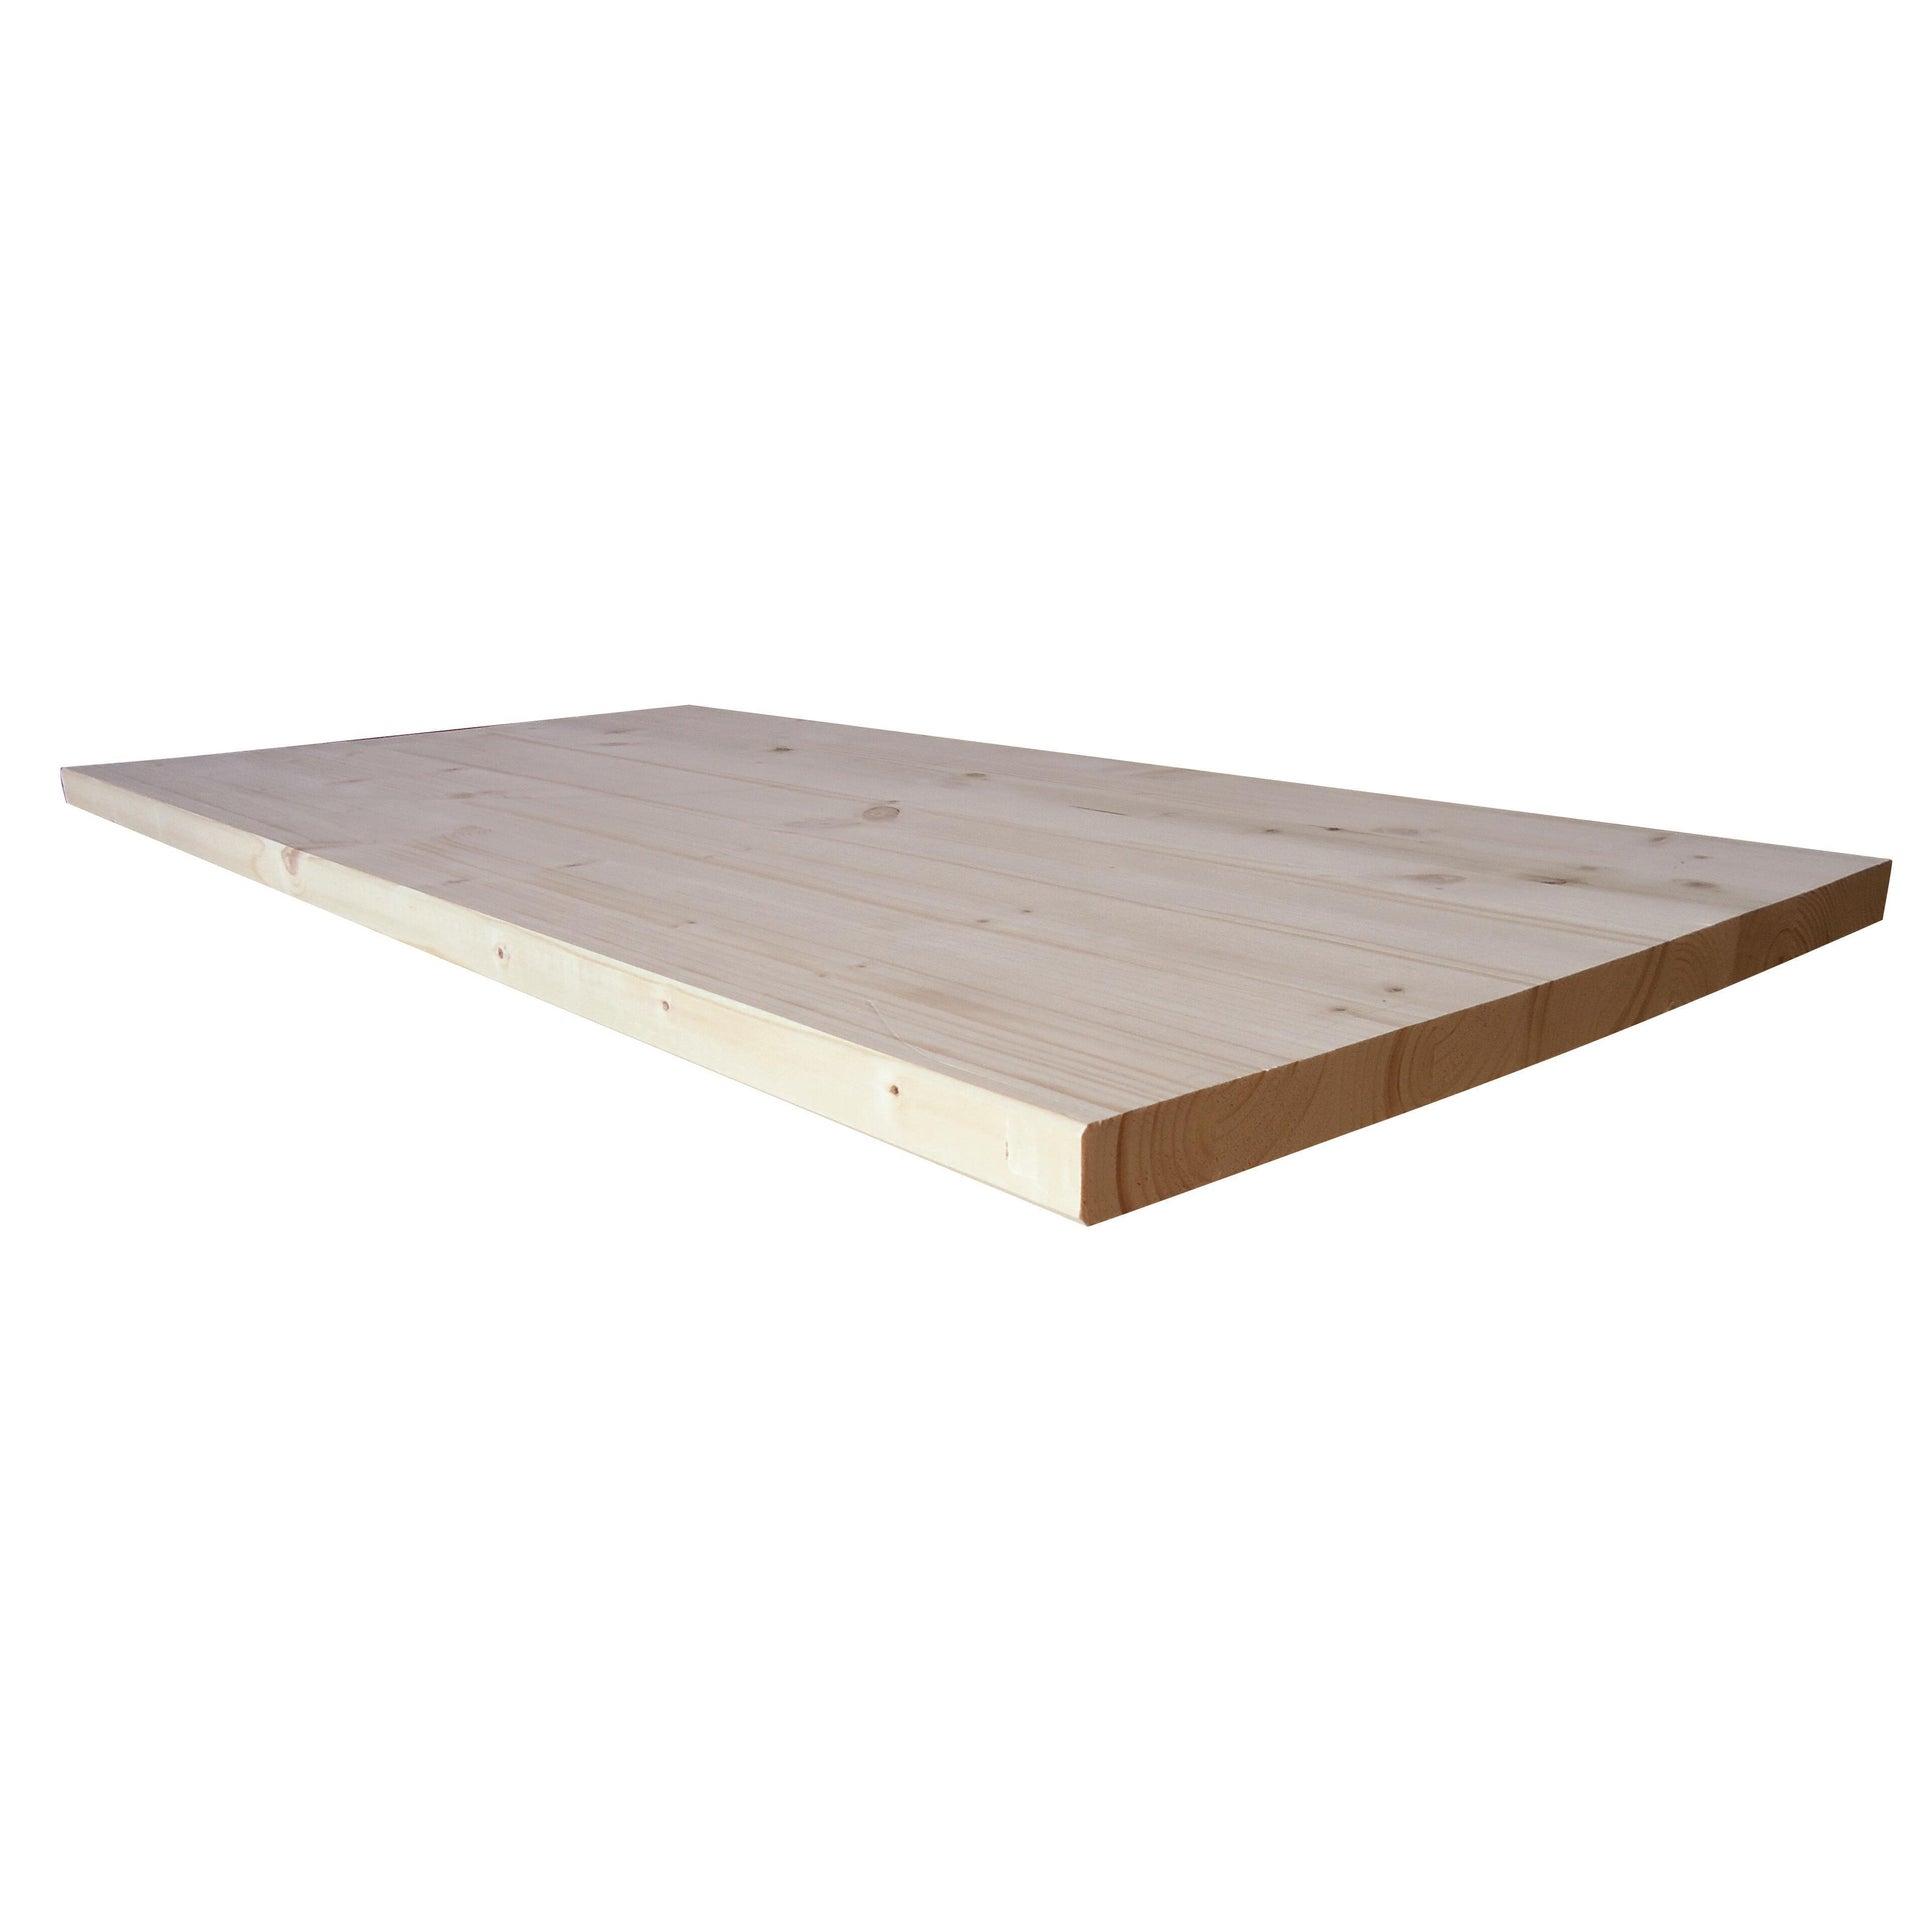 Tavola Compensato di legno abete 1° scelta L 150 x H 50 cm Sp 27 mm - 1